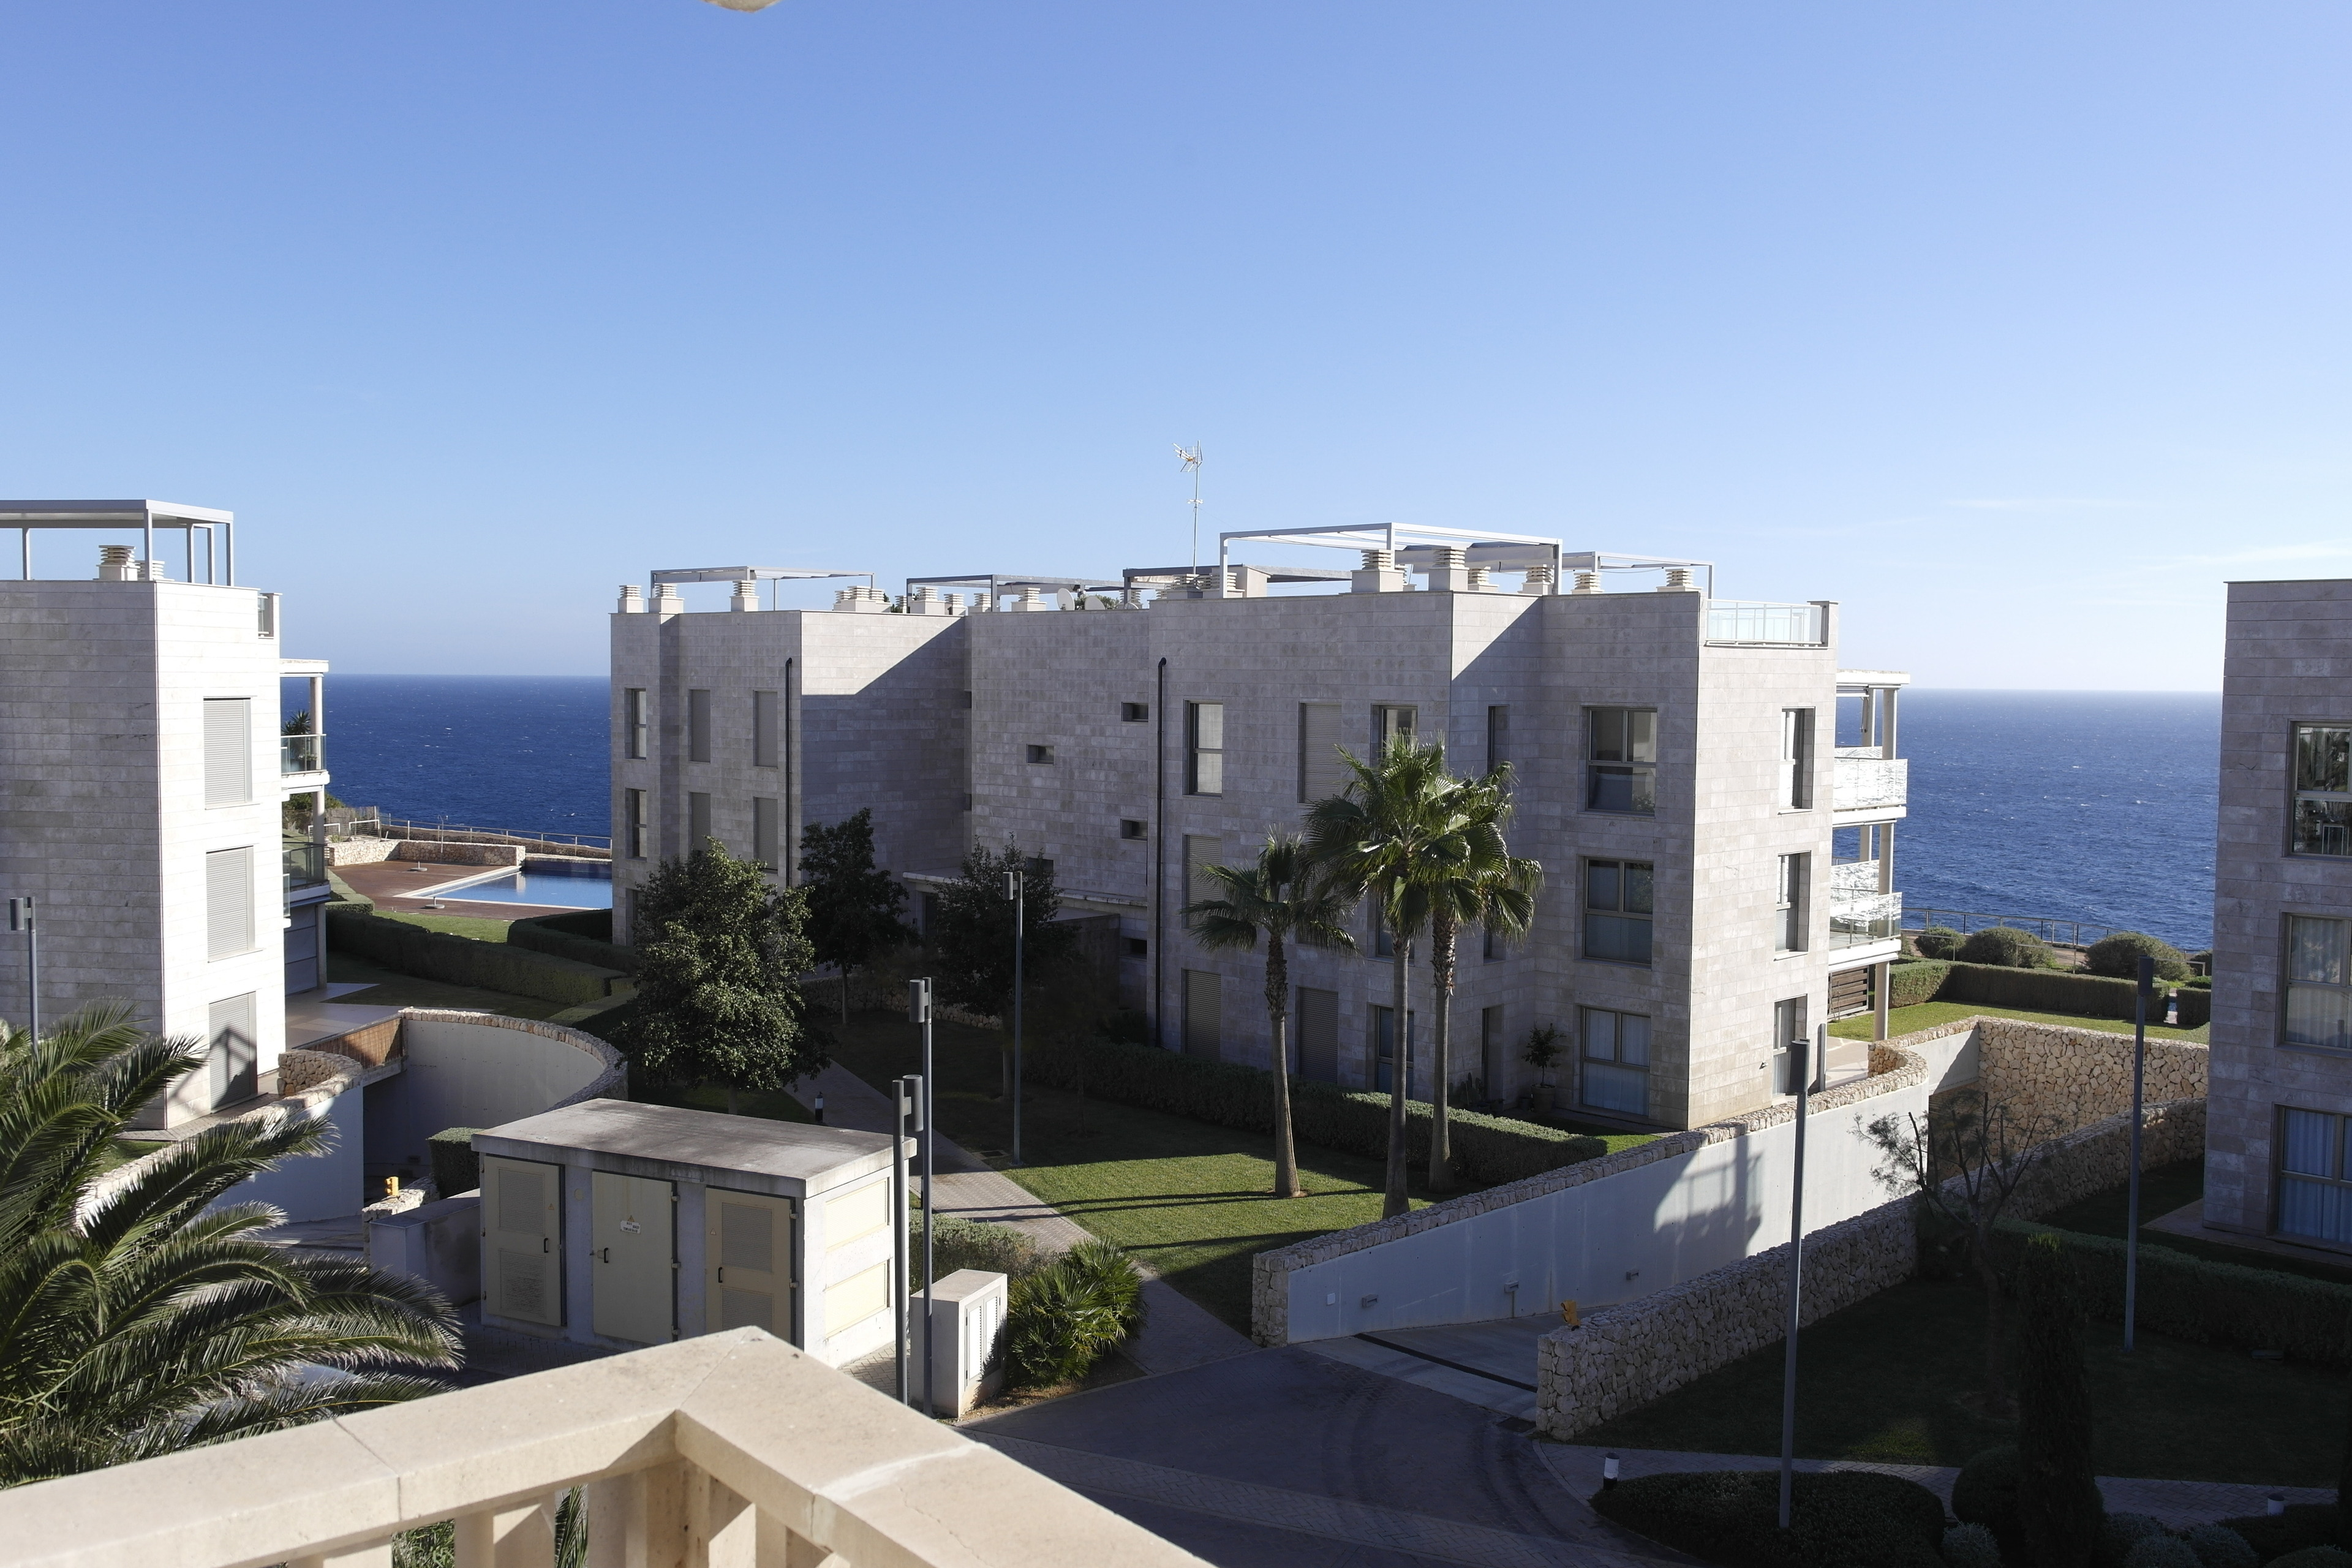 Apartment für 4 mit Balkon WLAN Pool 250m zum Meer